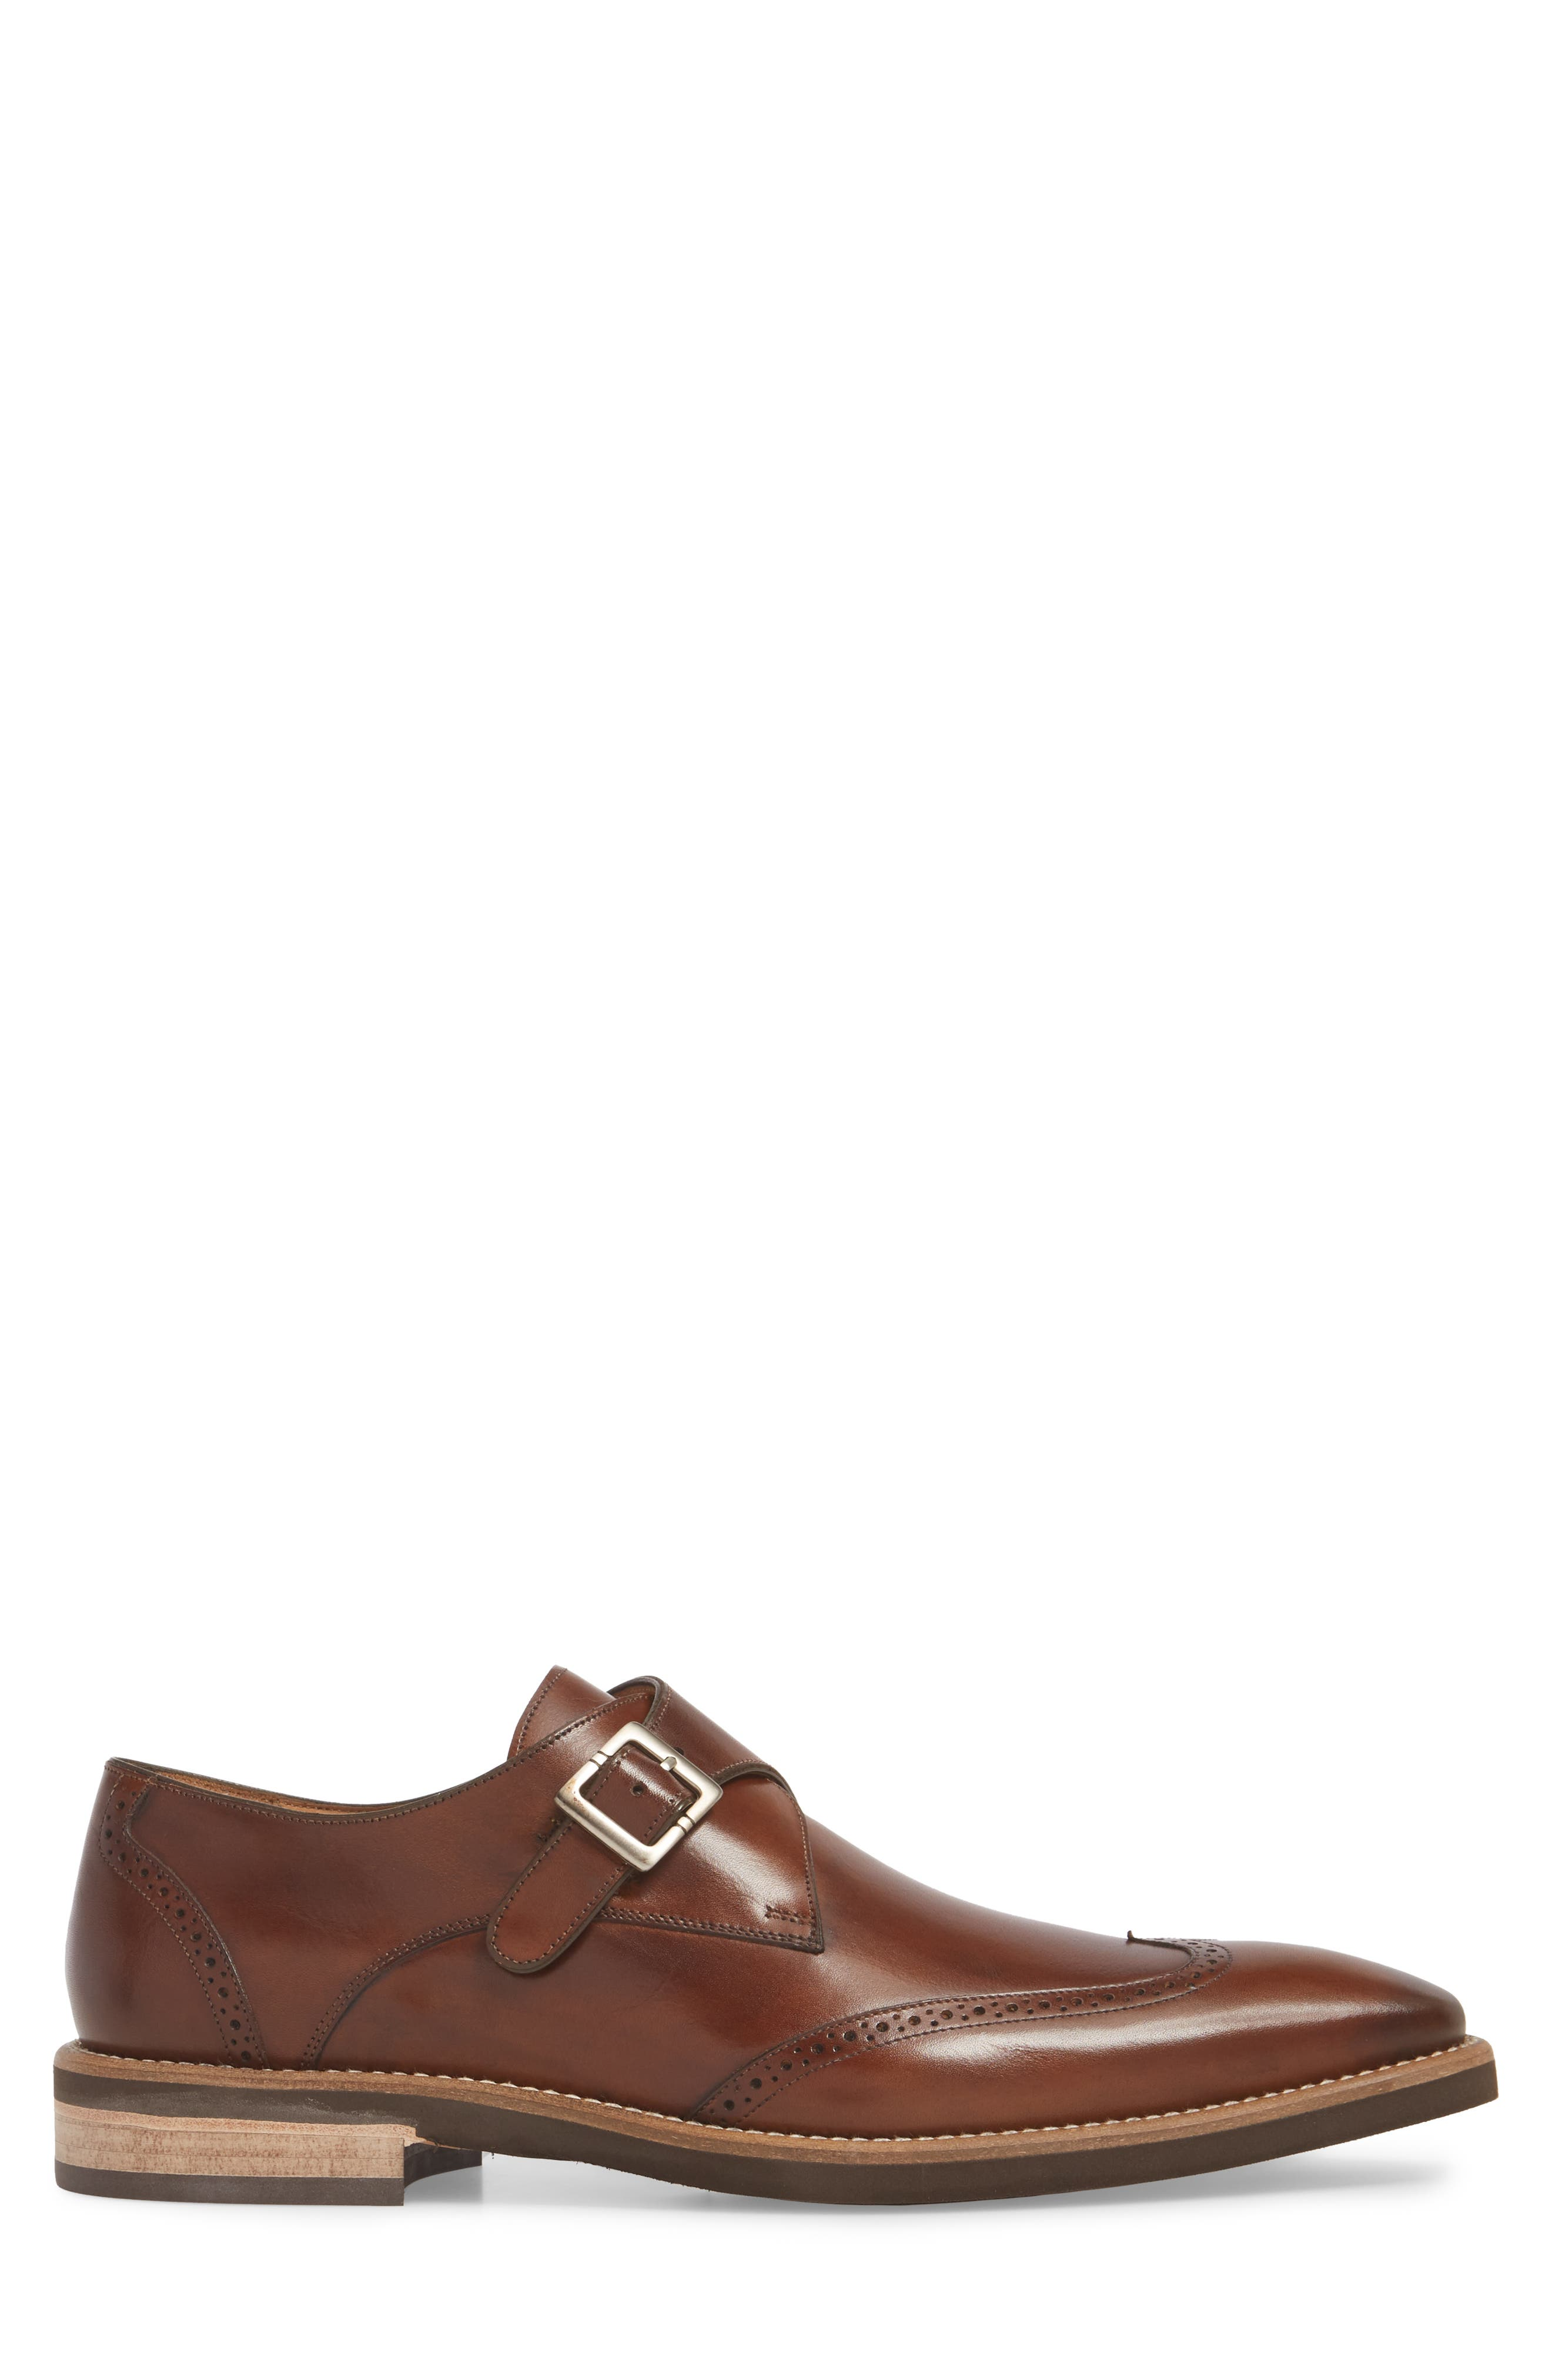 Feresta Wingtip Monk Shoe,                             Alternate thumbnail 3, color,                             Cognac